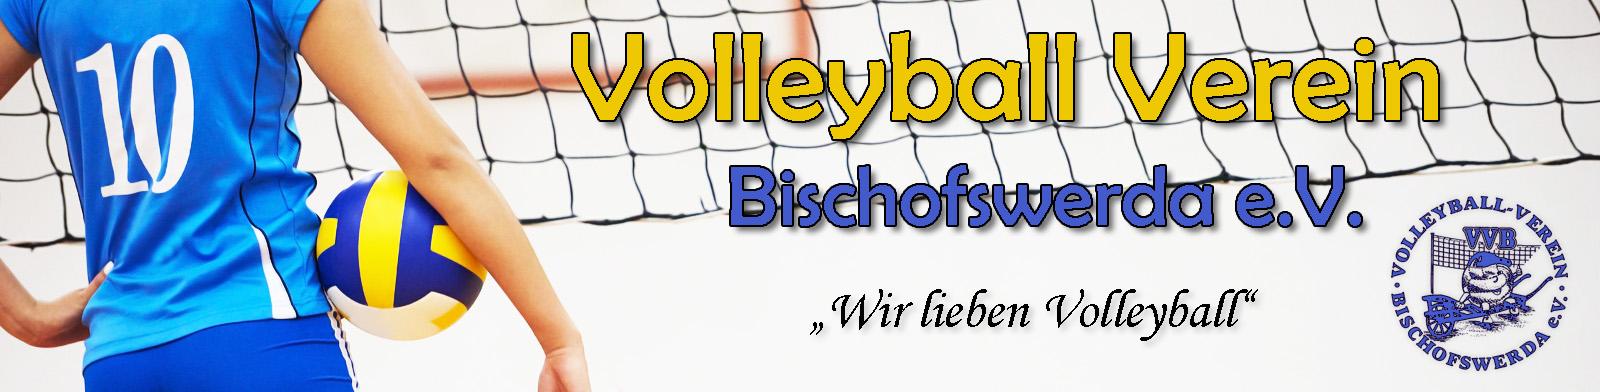 Volleyball Verein Bischofswerda e.V.